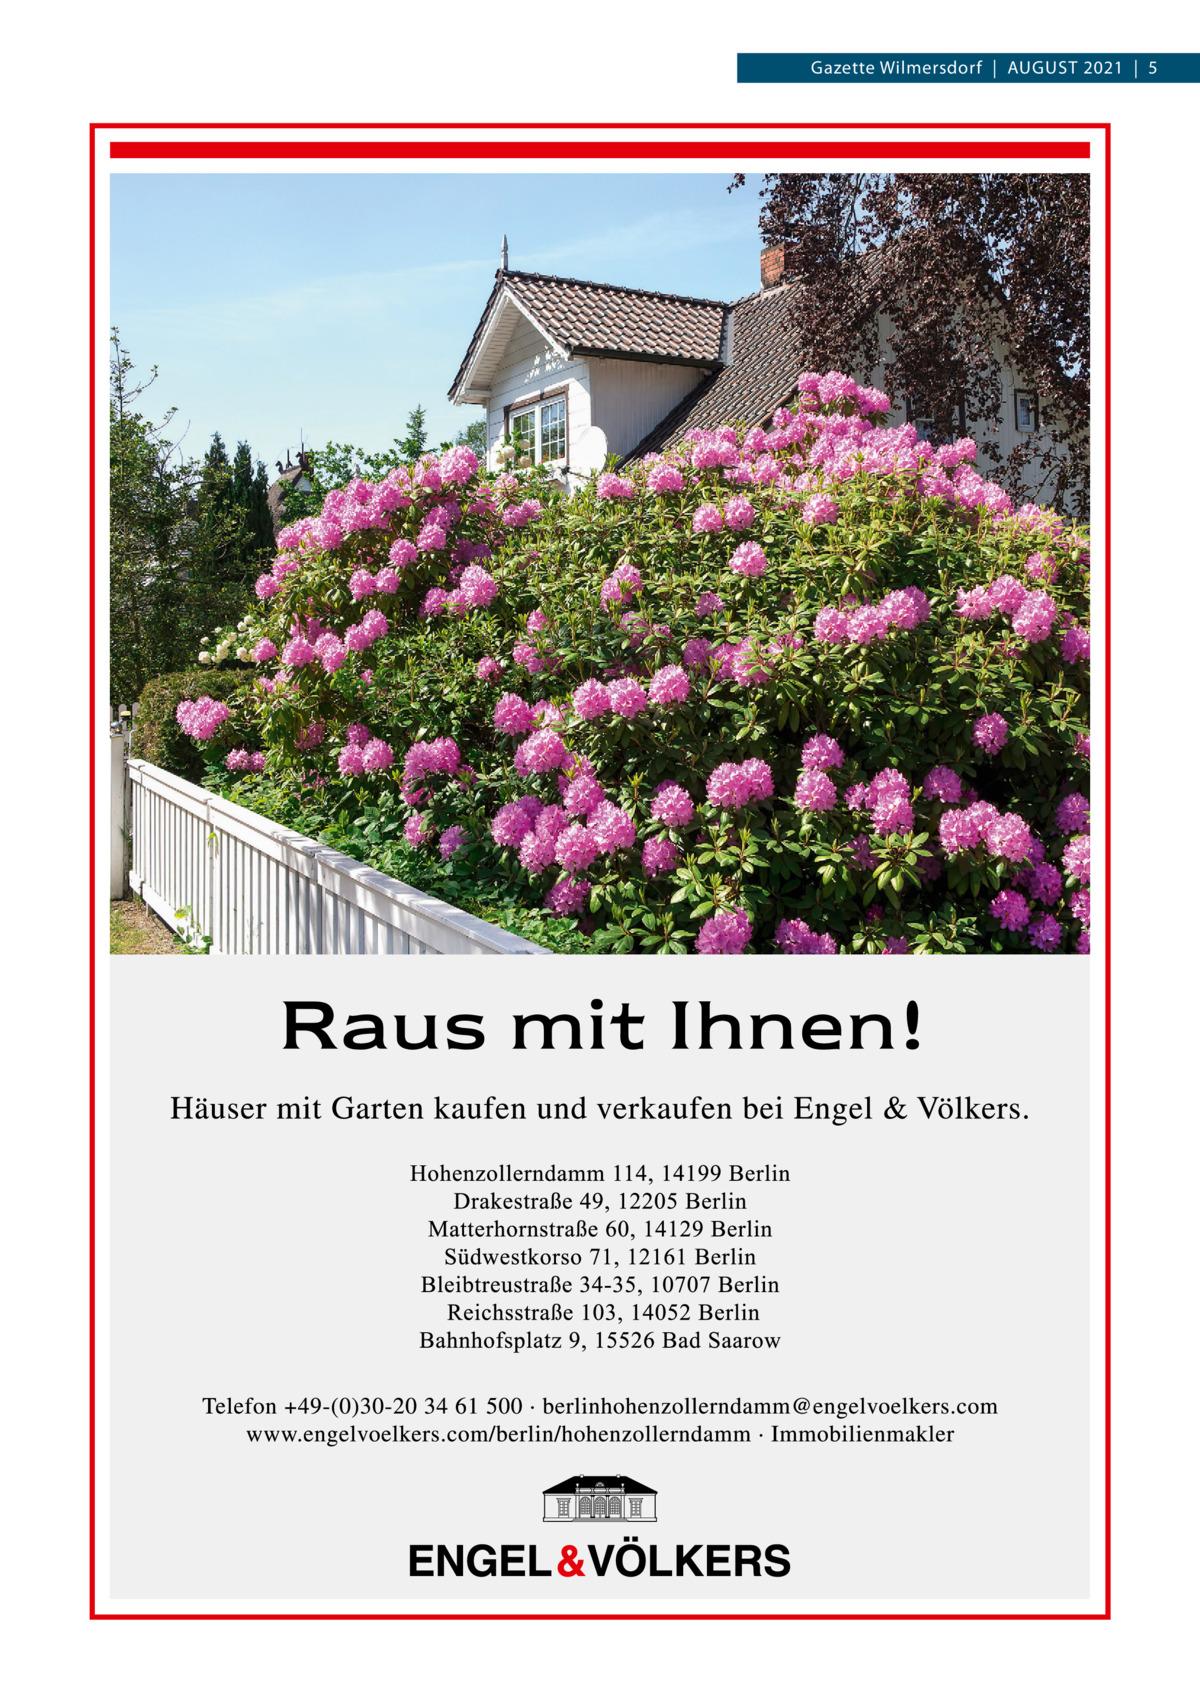 Gazette Wilmersdorf AuGust 2021 5